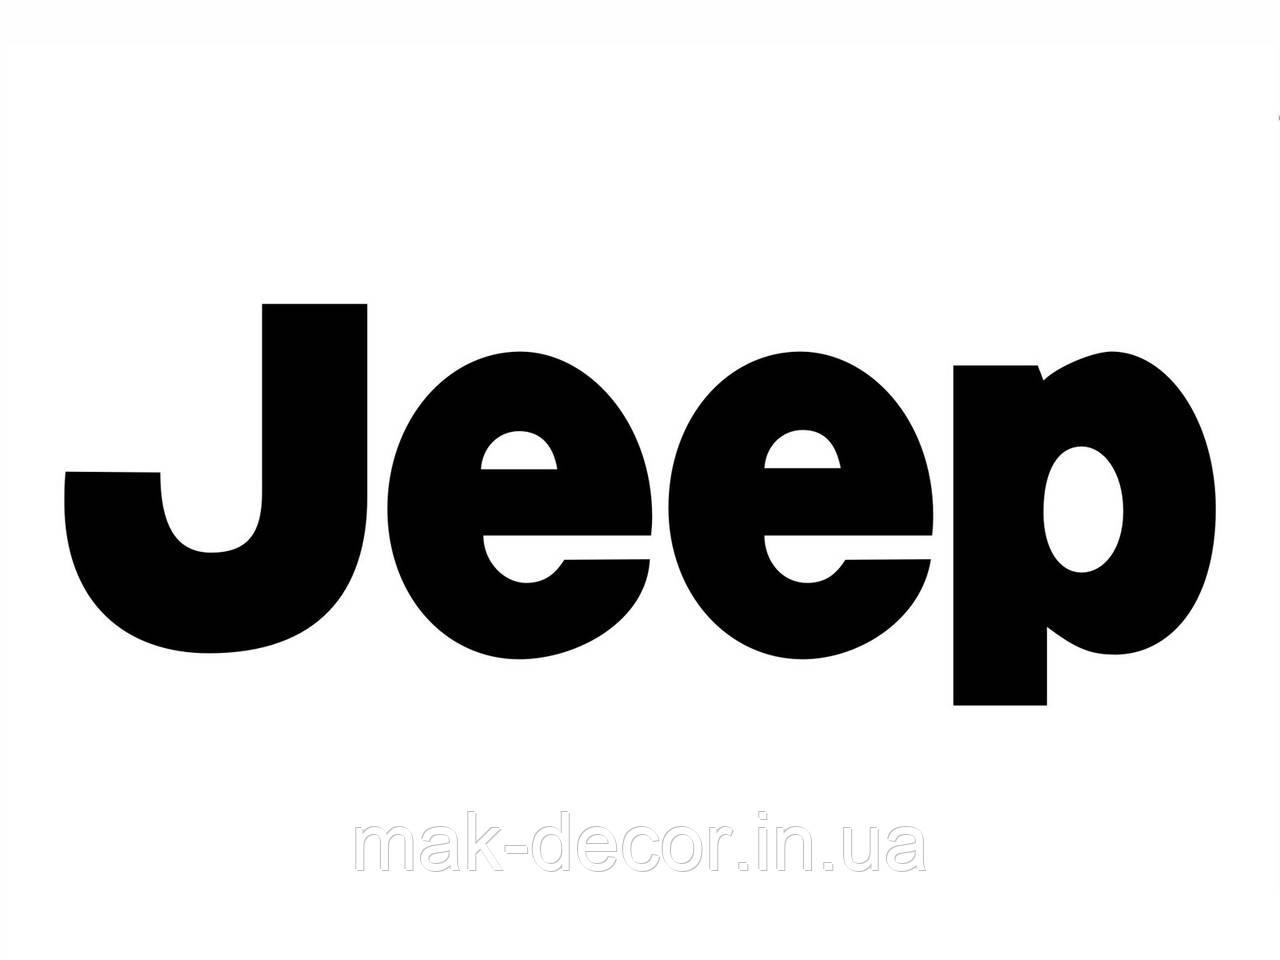 Виниловая наклейка на авто - Jeep 8х20 см